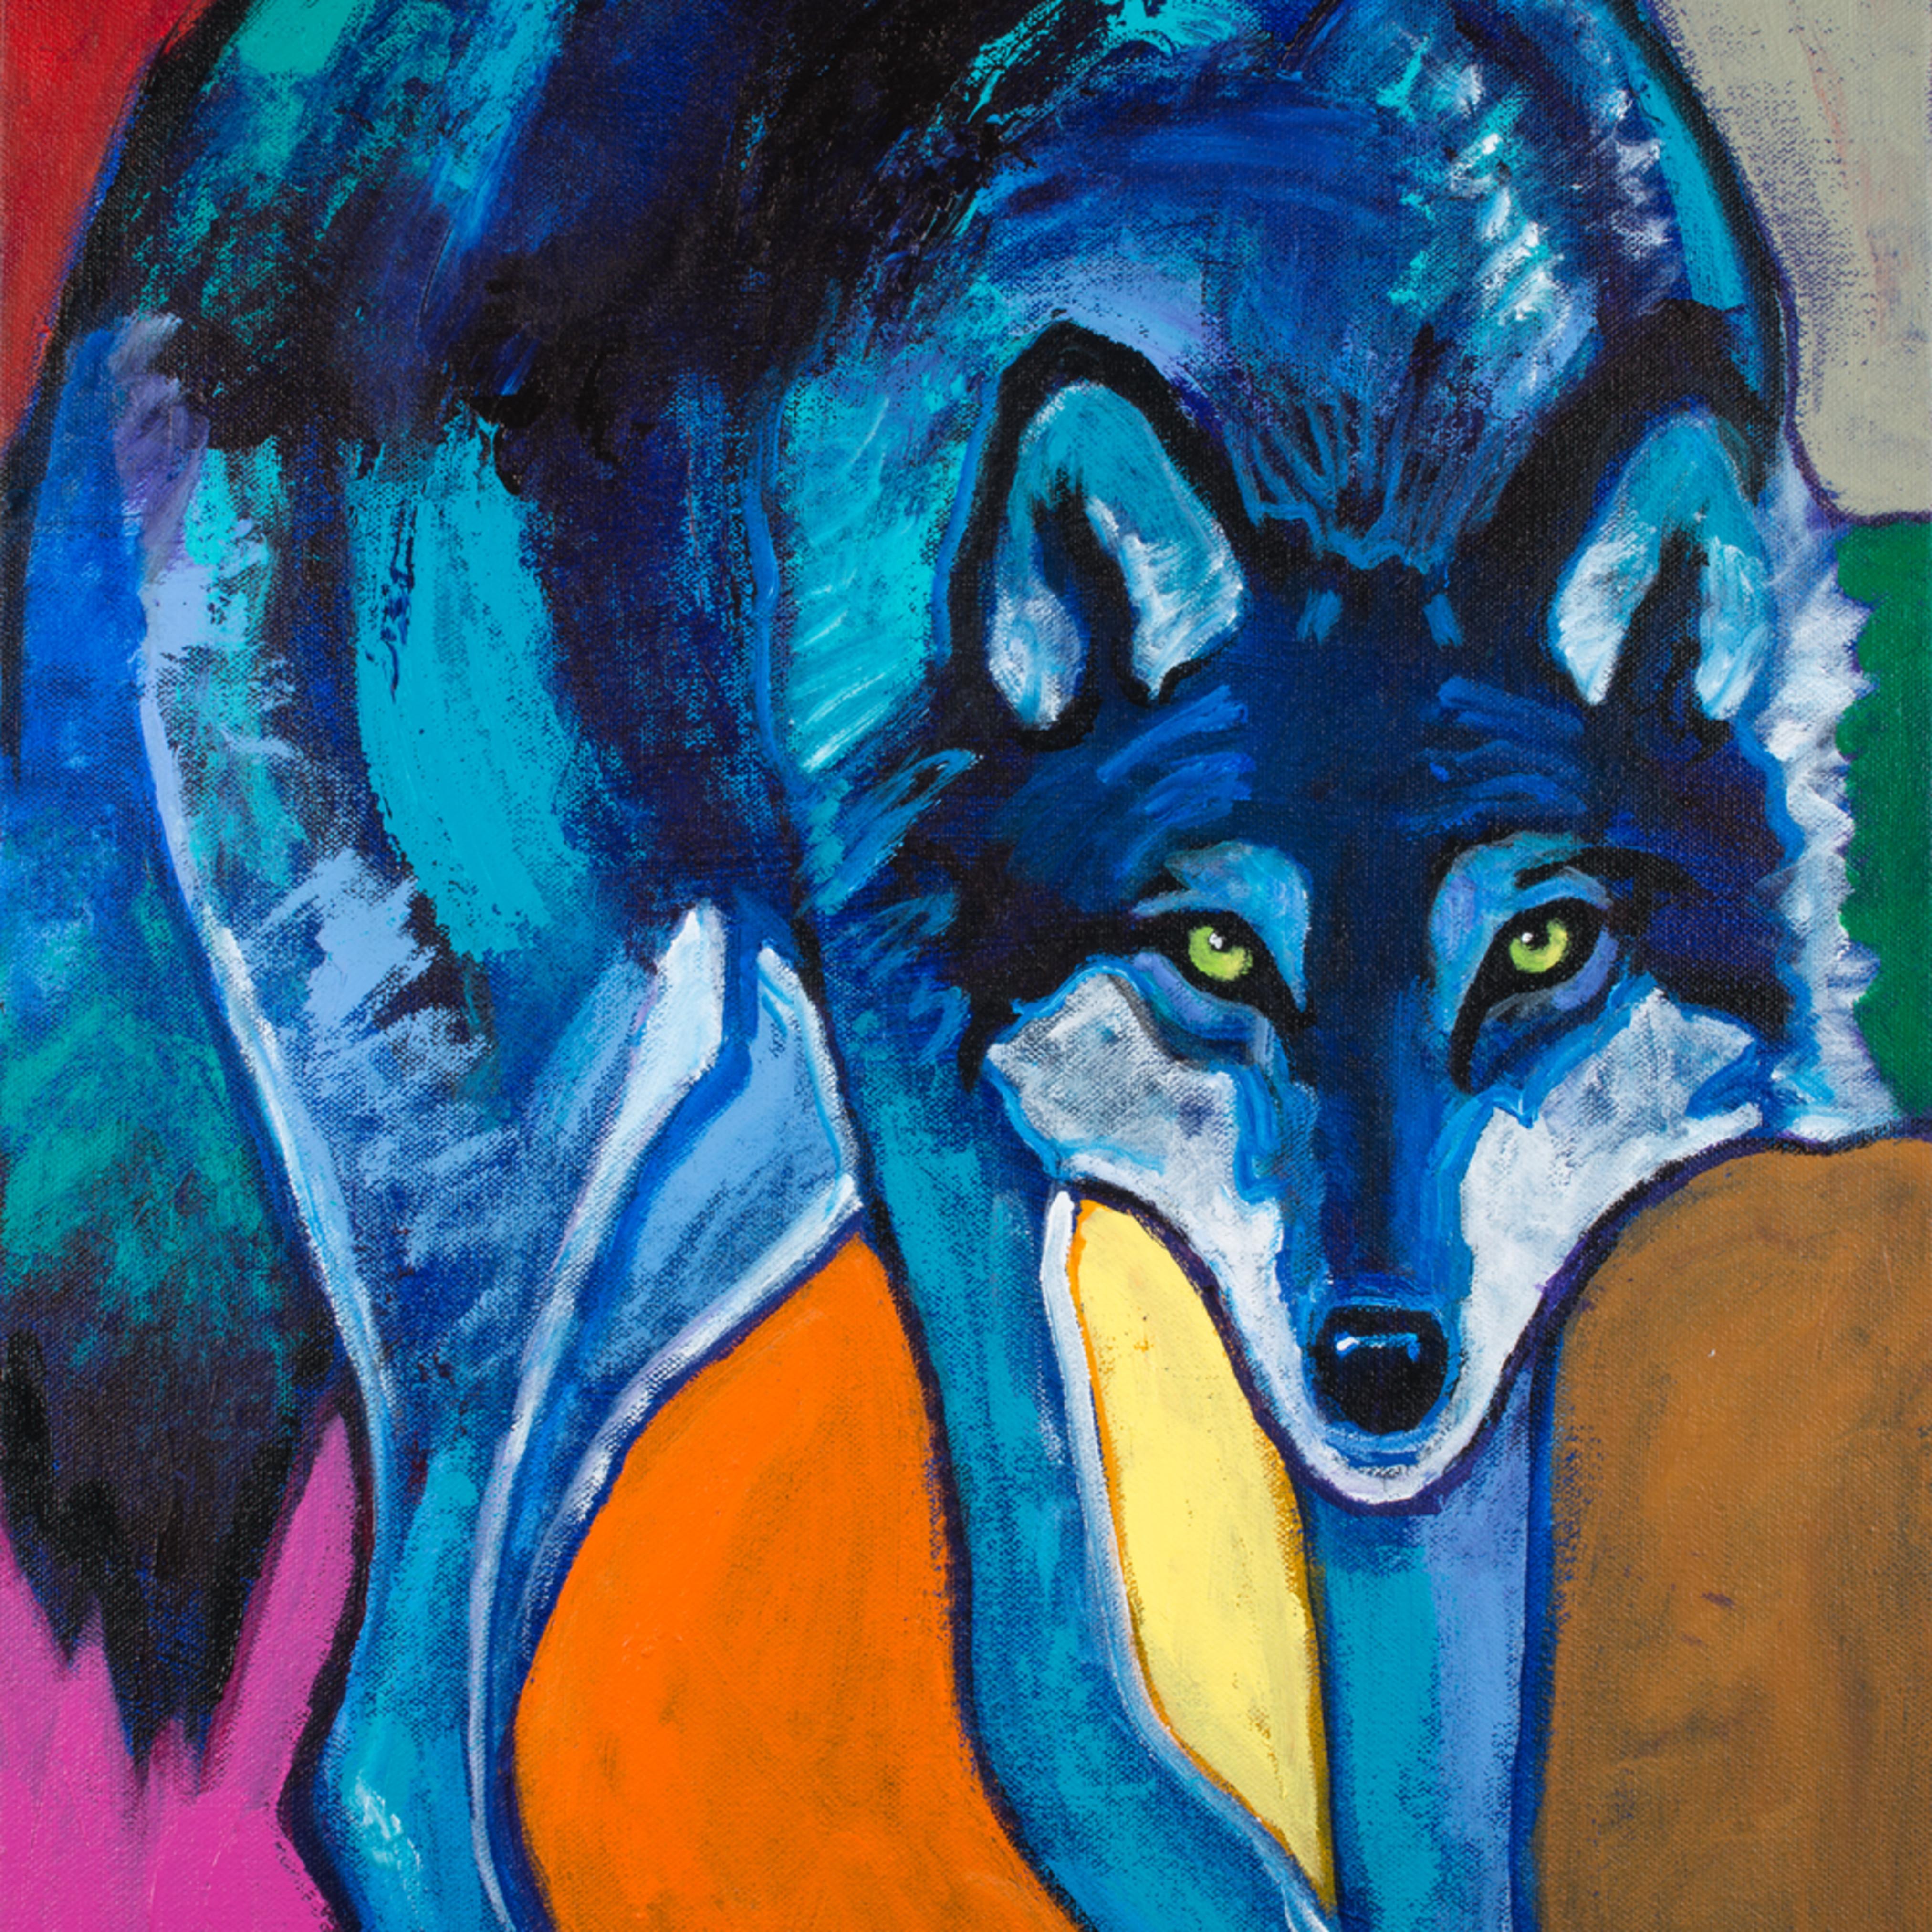 Blue wolf 003 jdjx75